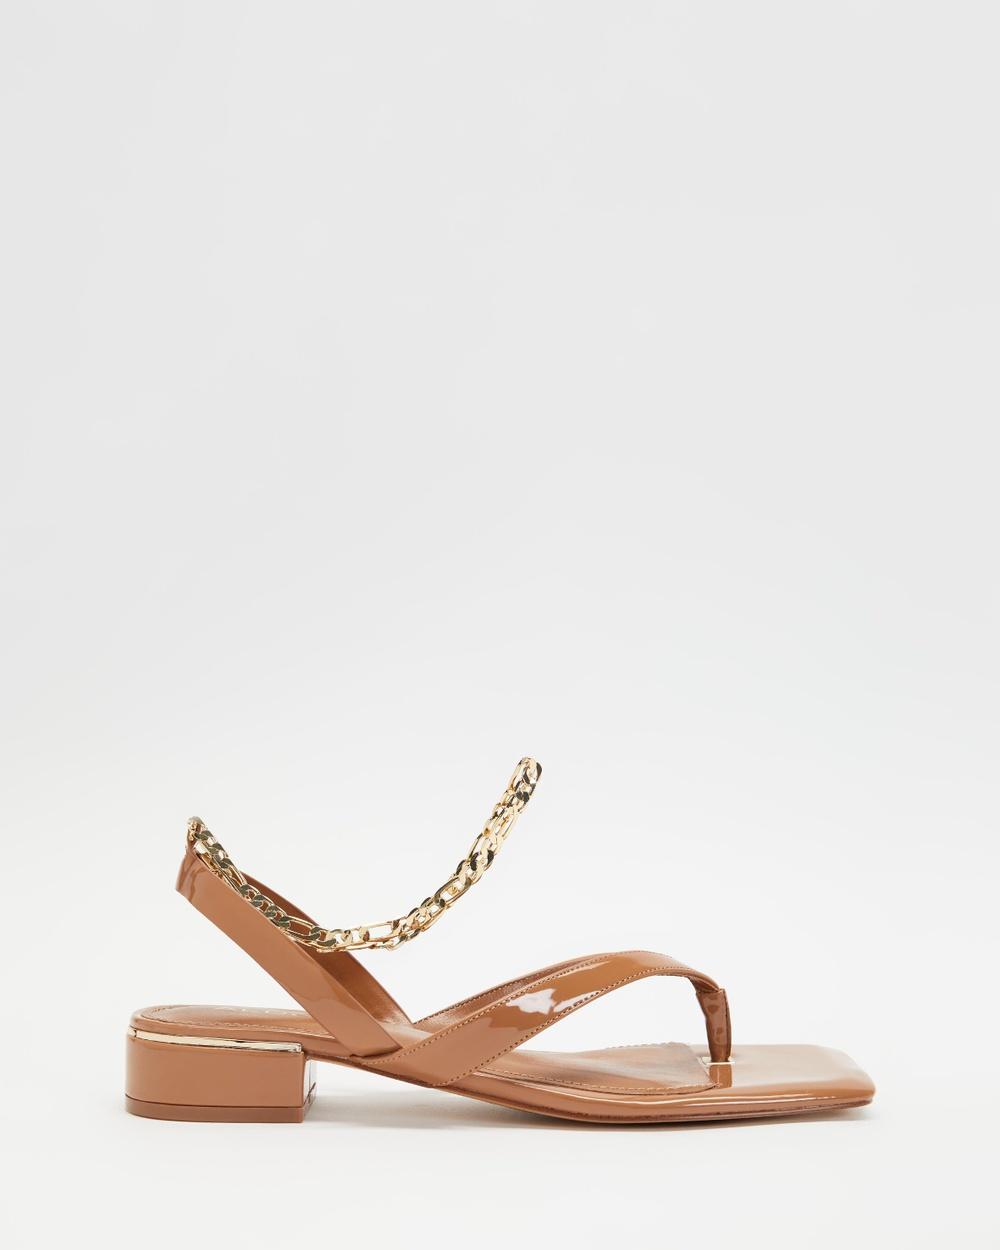 ALDO Agralella Sandals Women's Dark Beige